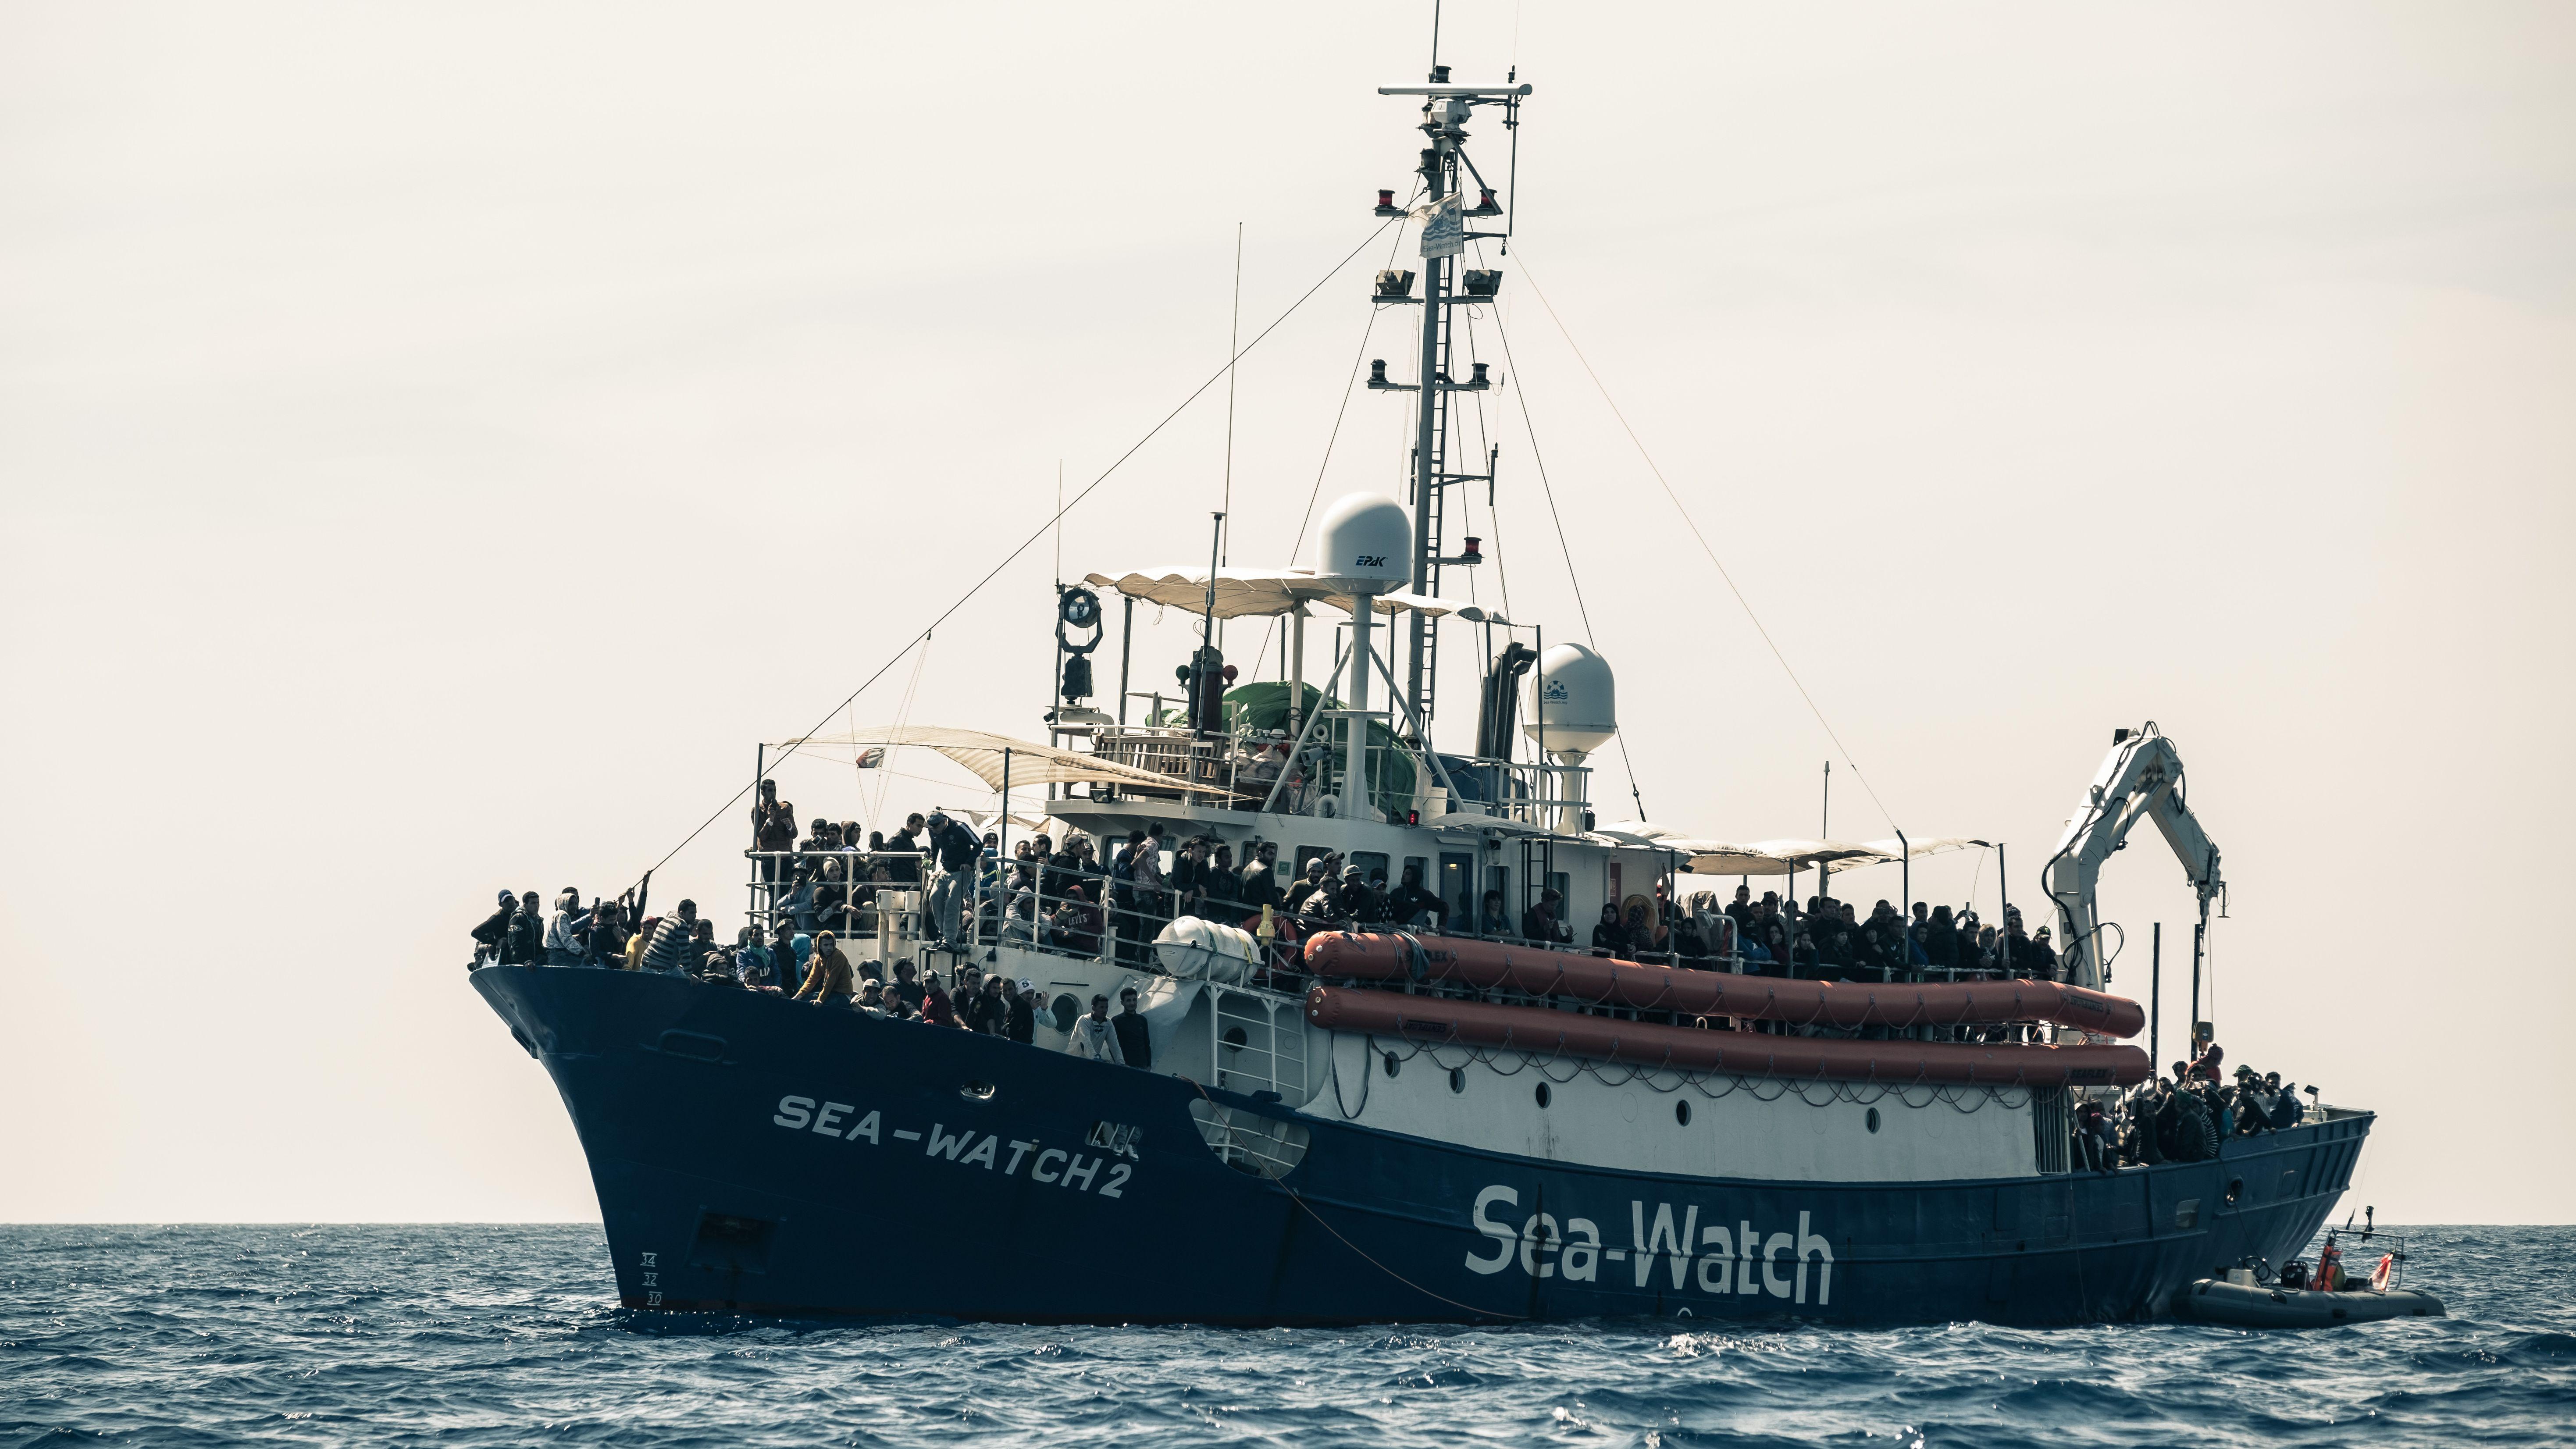 """Auf der """"Sea-Watch 2"""" drängen sich Geflüchtete, die im Mittelmeer gerettet wurden"""